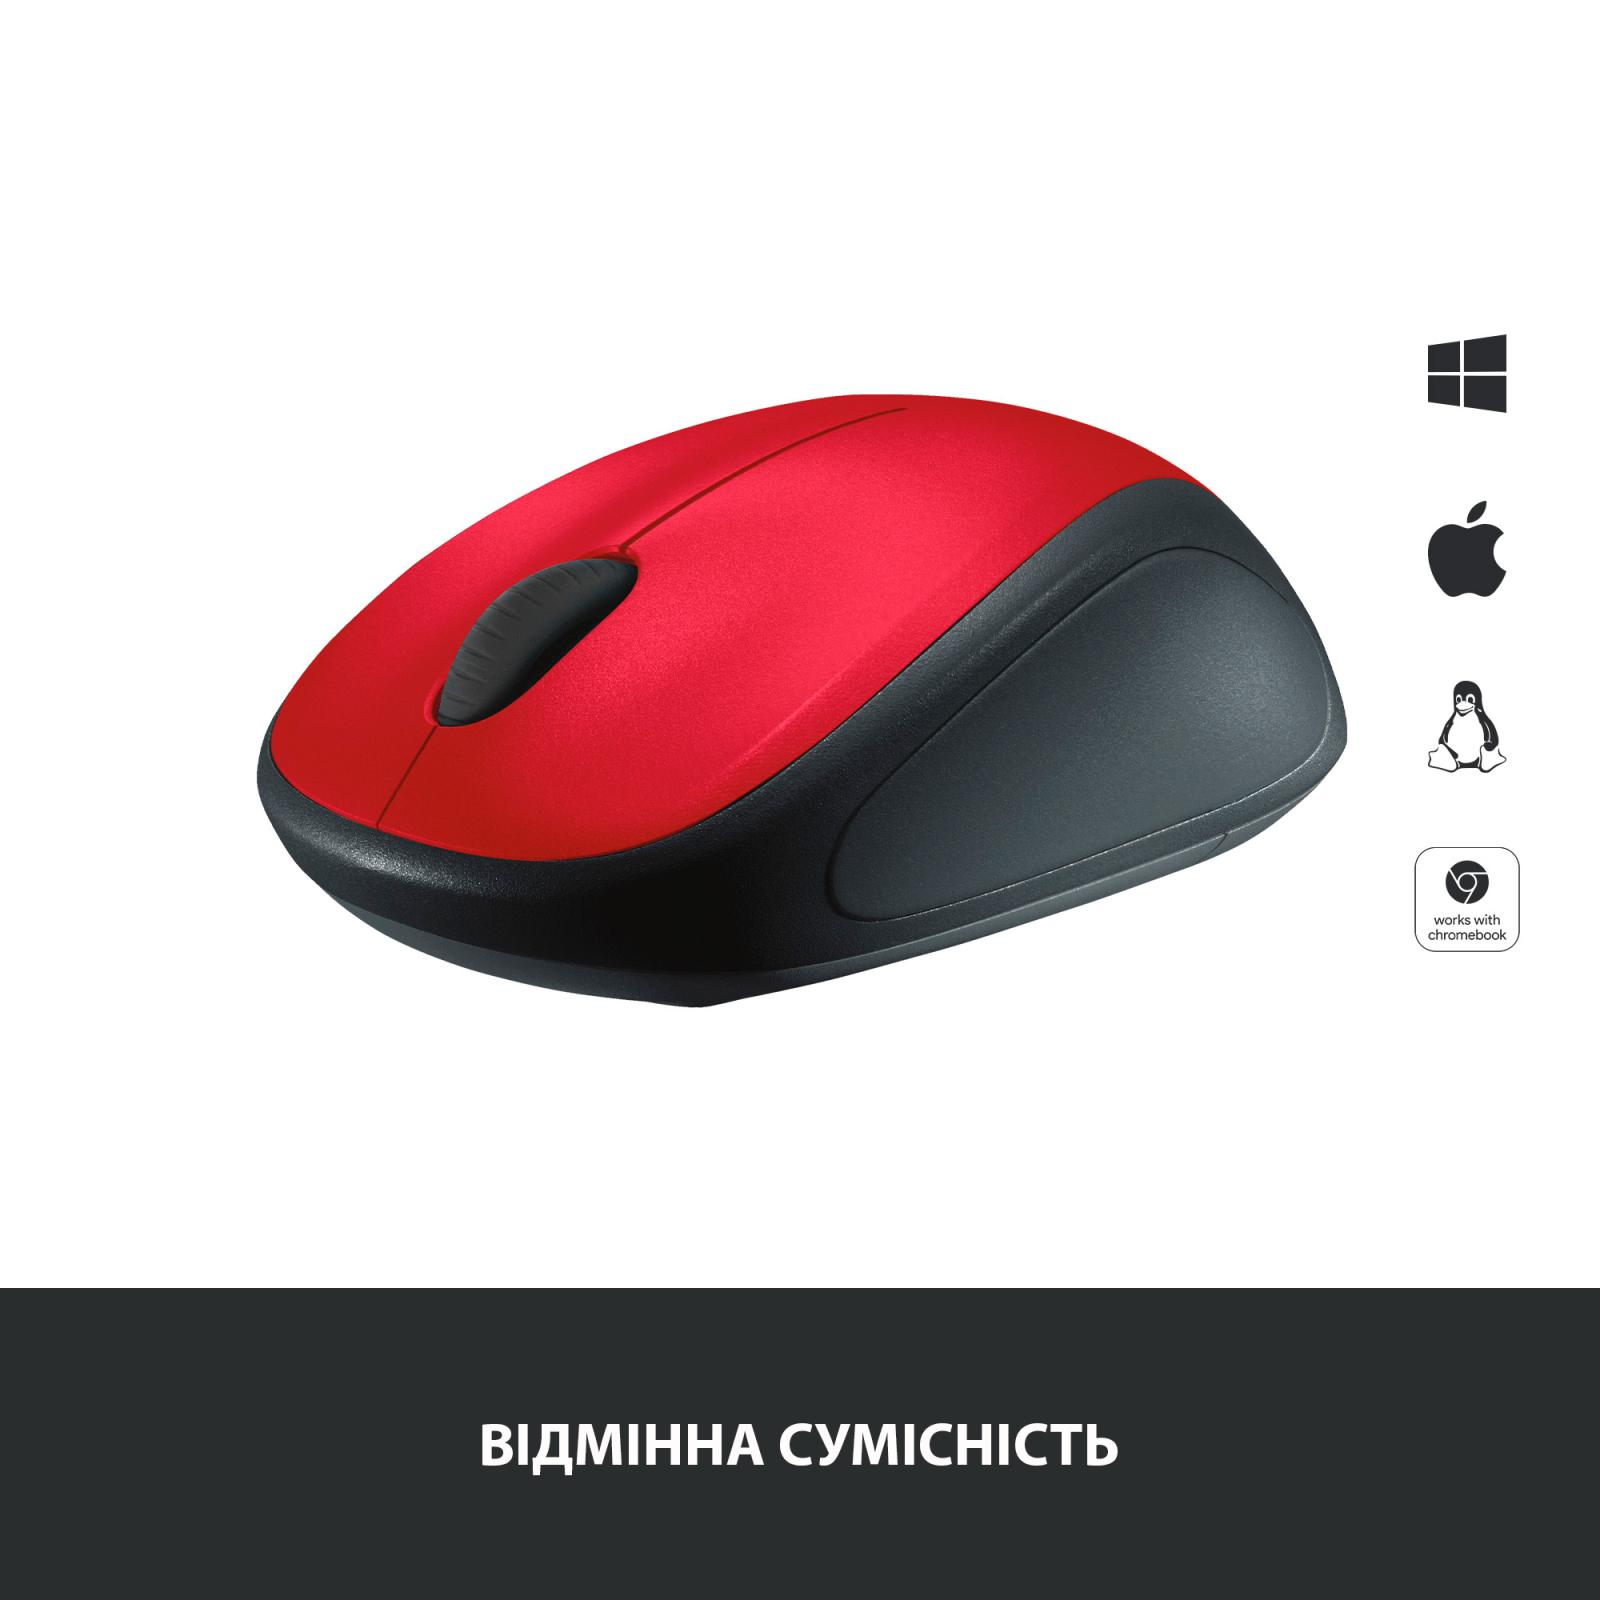 Мышка Logitech M235 Red (910-002496) изображение 3